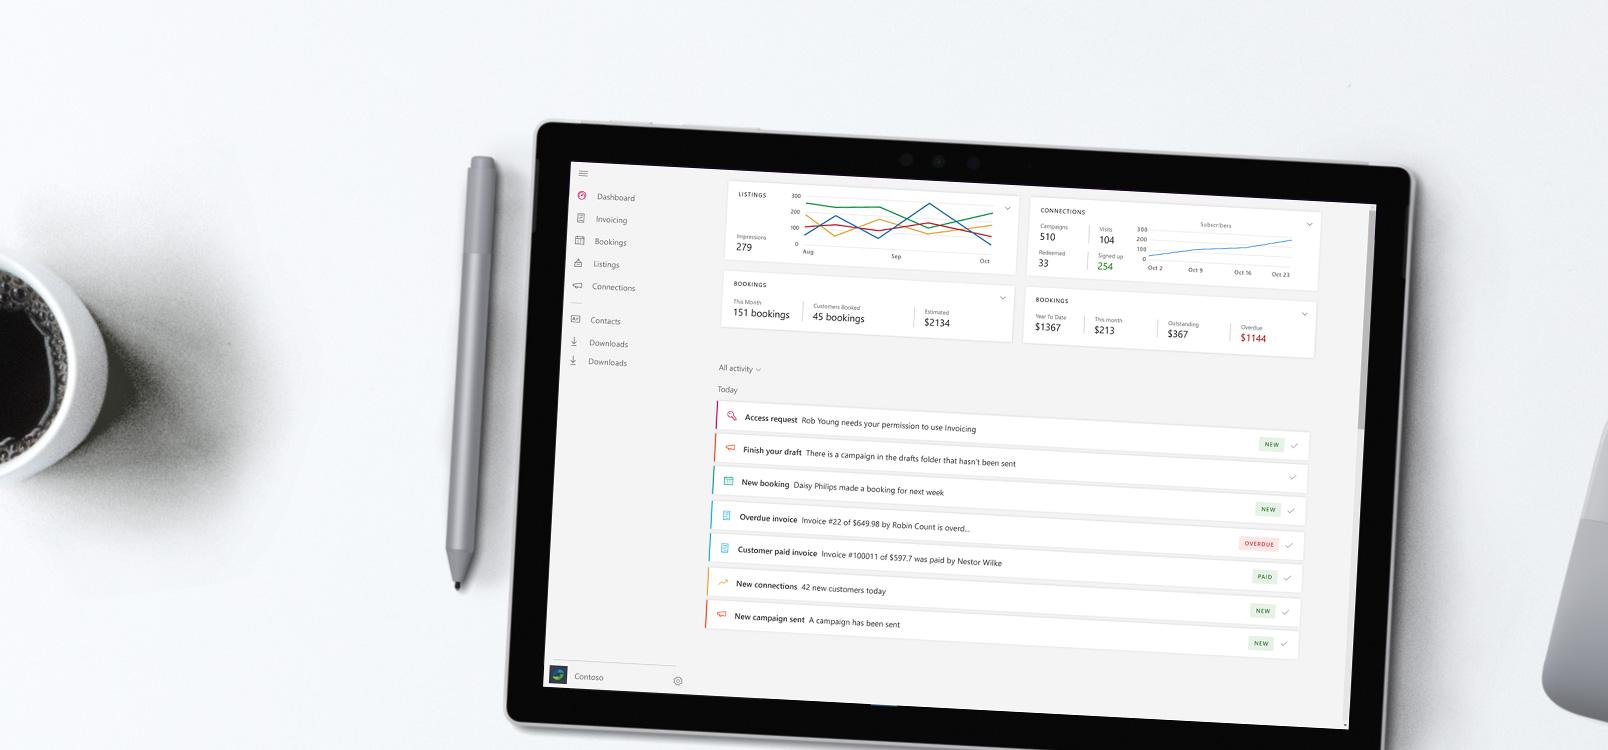 Лаптоп, показващ центъра за Office 365 Business